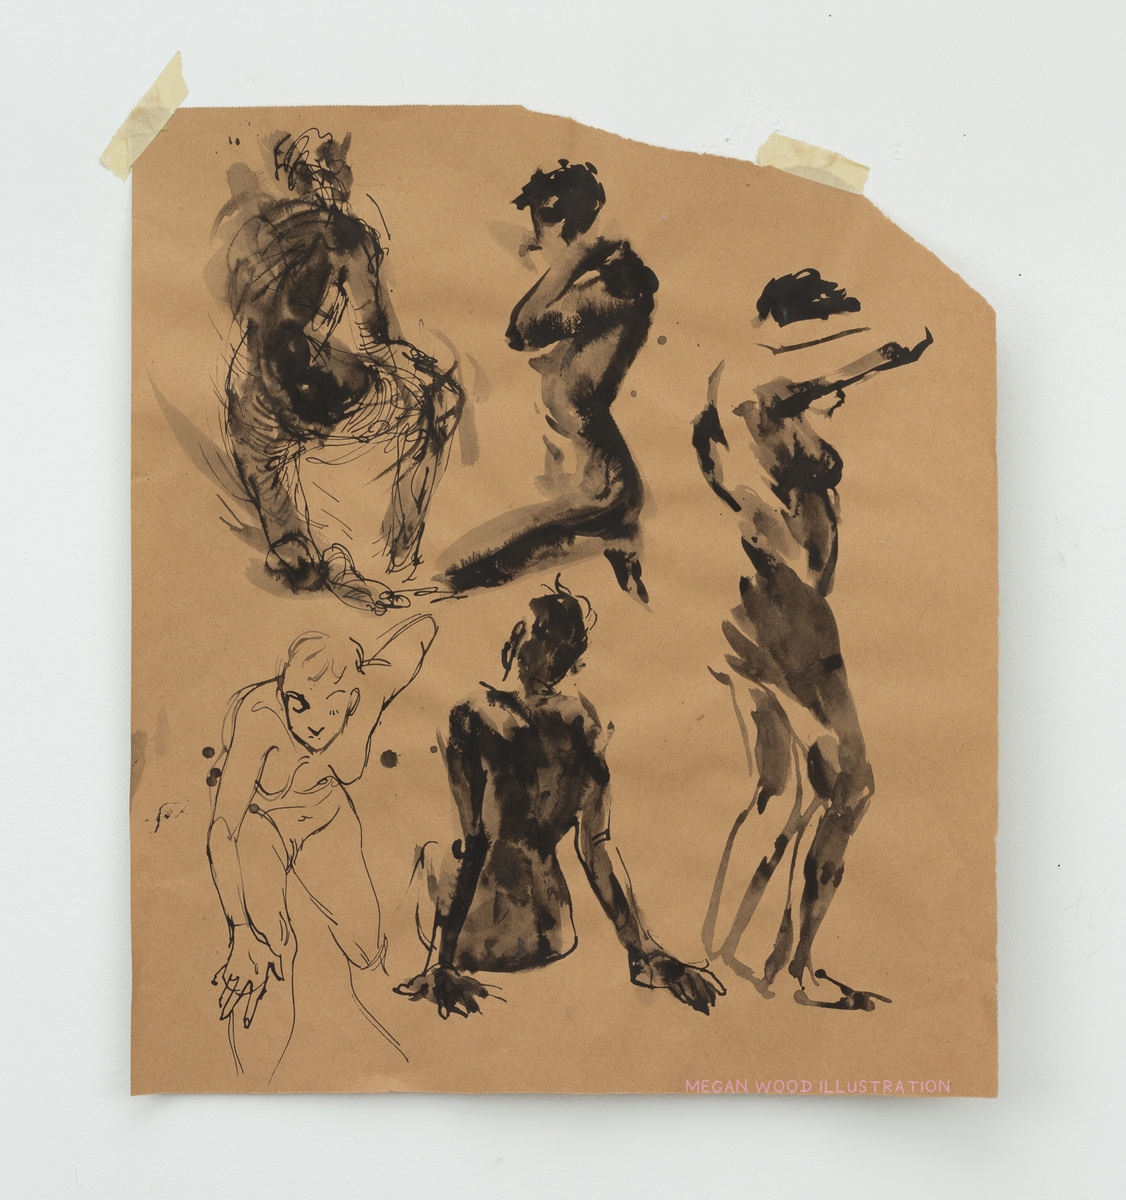 megan wood illustration - Figure Studies 2